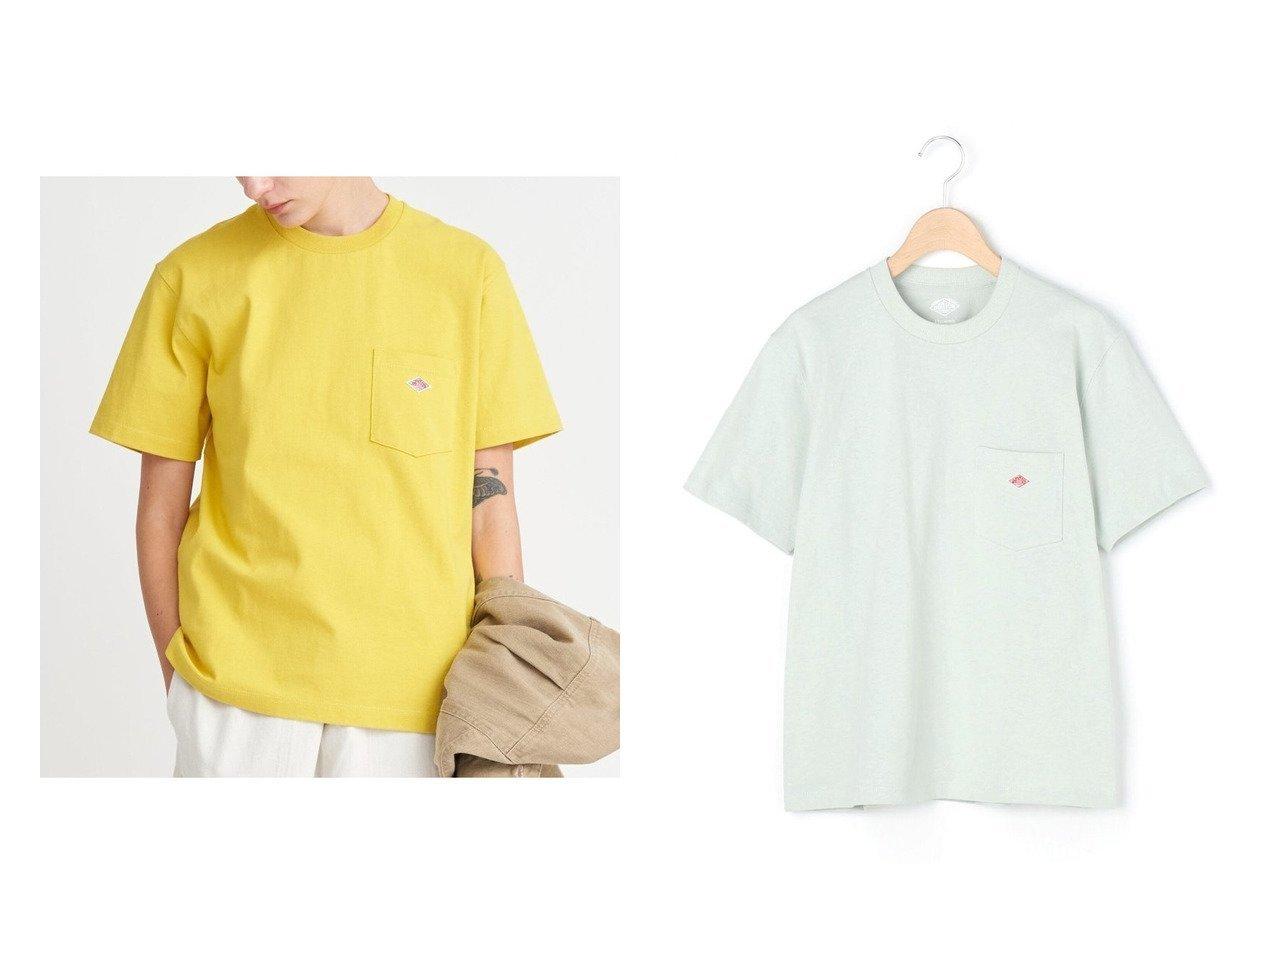 【Bshop/ビショップ】の【DANTON】ポケットTシャツ SOLID WOMEN おすすめ!人気、トレンド・レディースファッションの通販 おすすめで人気の流行・トレンド、ファッションの通販商品 インテリア・家具・メンズファッション・キッズファッション・レディースファッション・服の通販 founy(ファニー) https://founy.com/ ファッション Fashion レディースファッション WOMEN トップス・カットソー Tops/Tshirt シャツ/ブラウス Shirts/Blouses ロング / Tシャツ T-Shirts カットソー Cut and Sewn カットソー シンプル フィット ベーシック ポケット 定番 Standard |ID:crp329100000045830